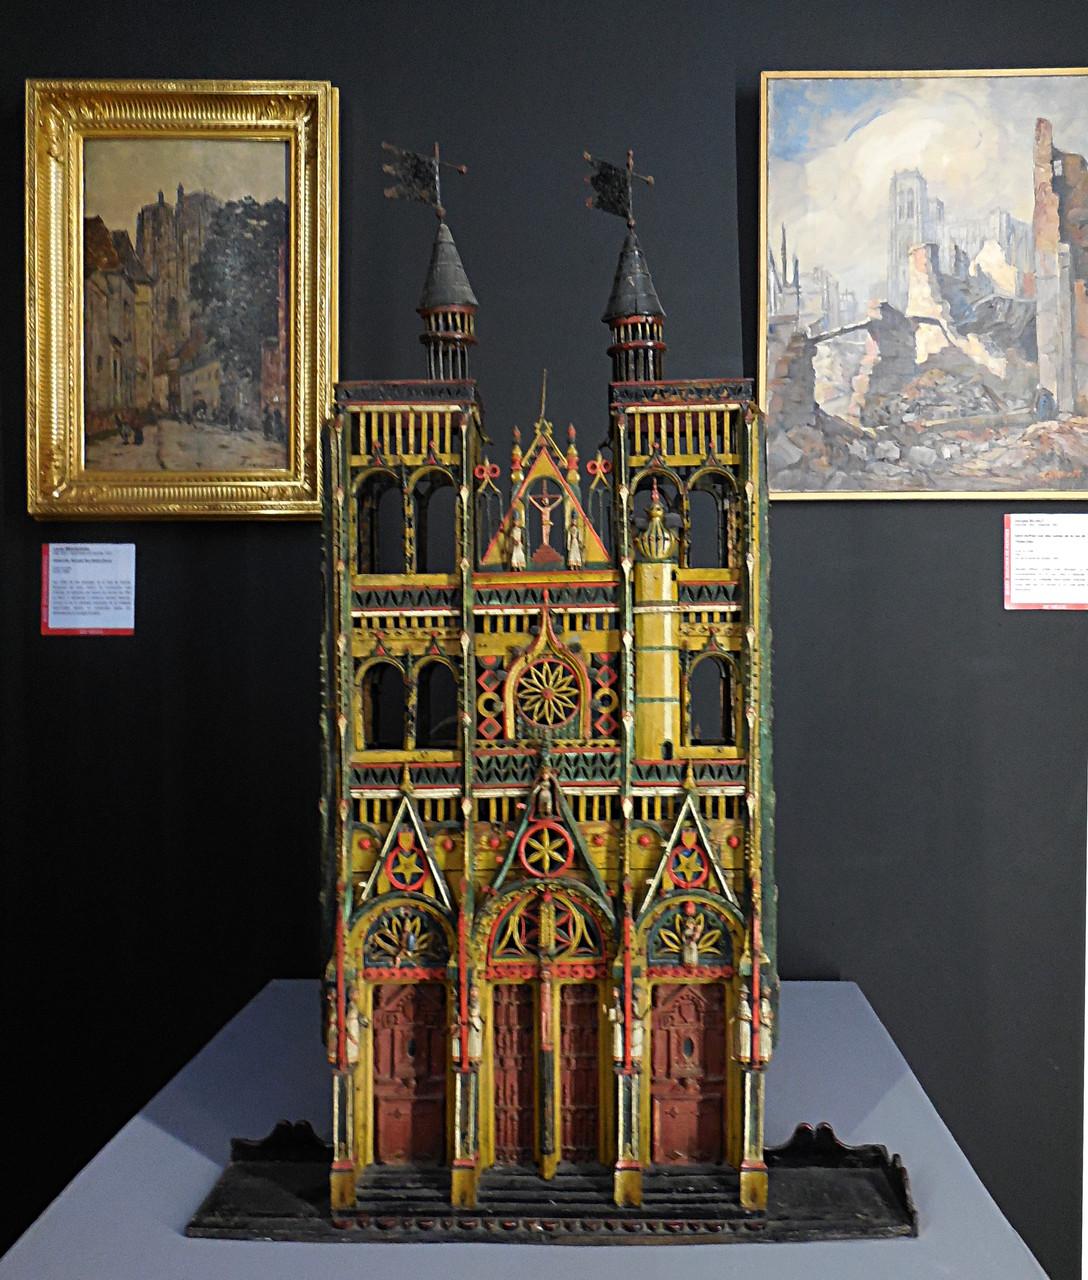 Cage à oiseau XIXe représentant Saint-Vulfran / Musée Boucher-de-Perthes, Abbeville / photo JH